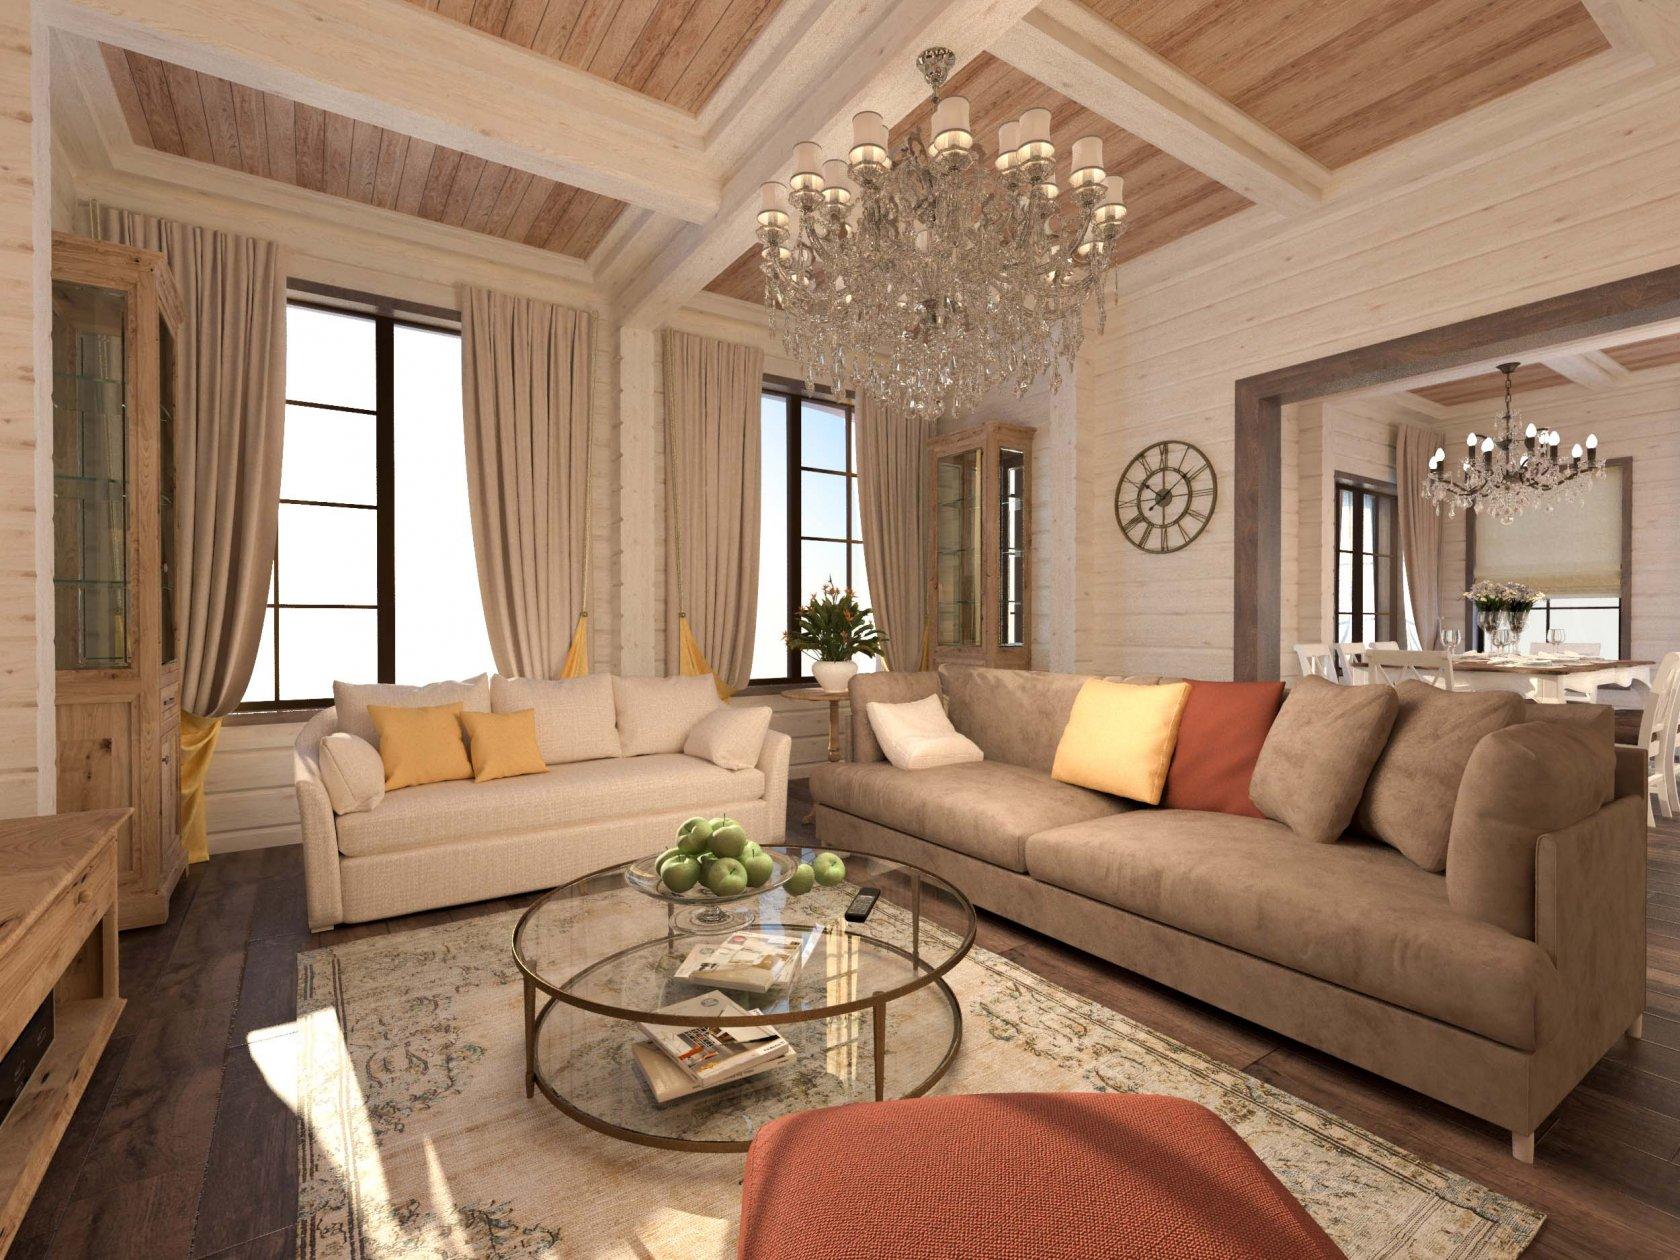 деревянный дом с двумя диванами